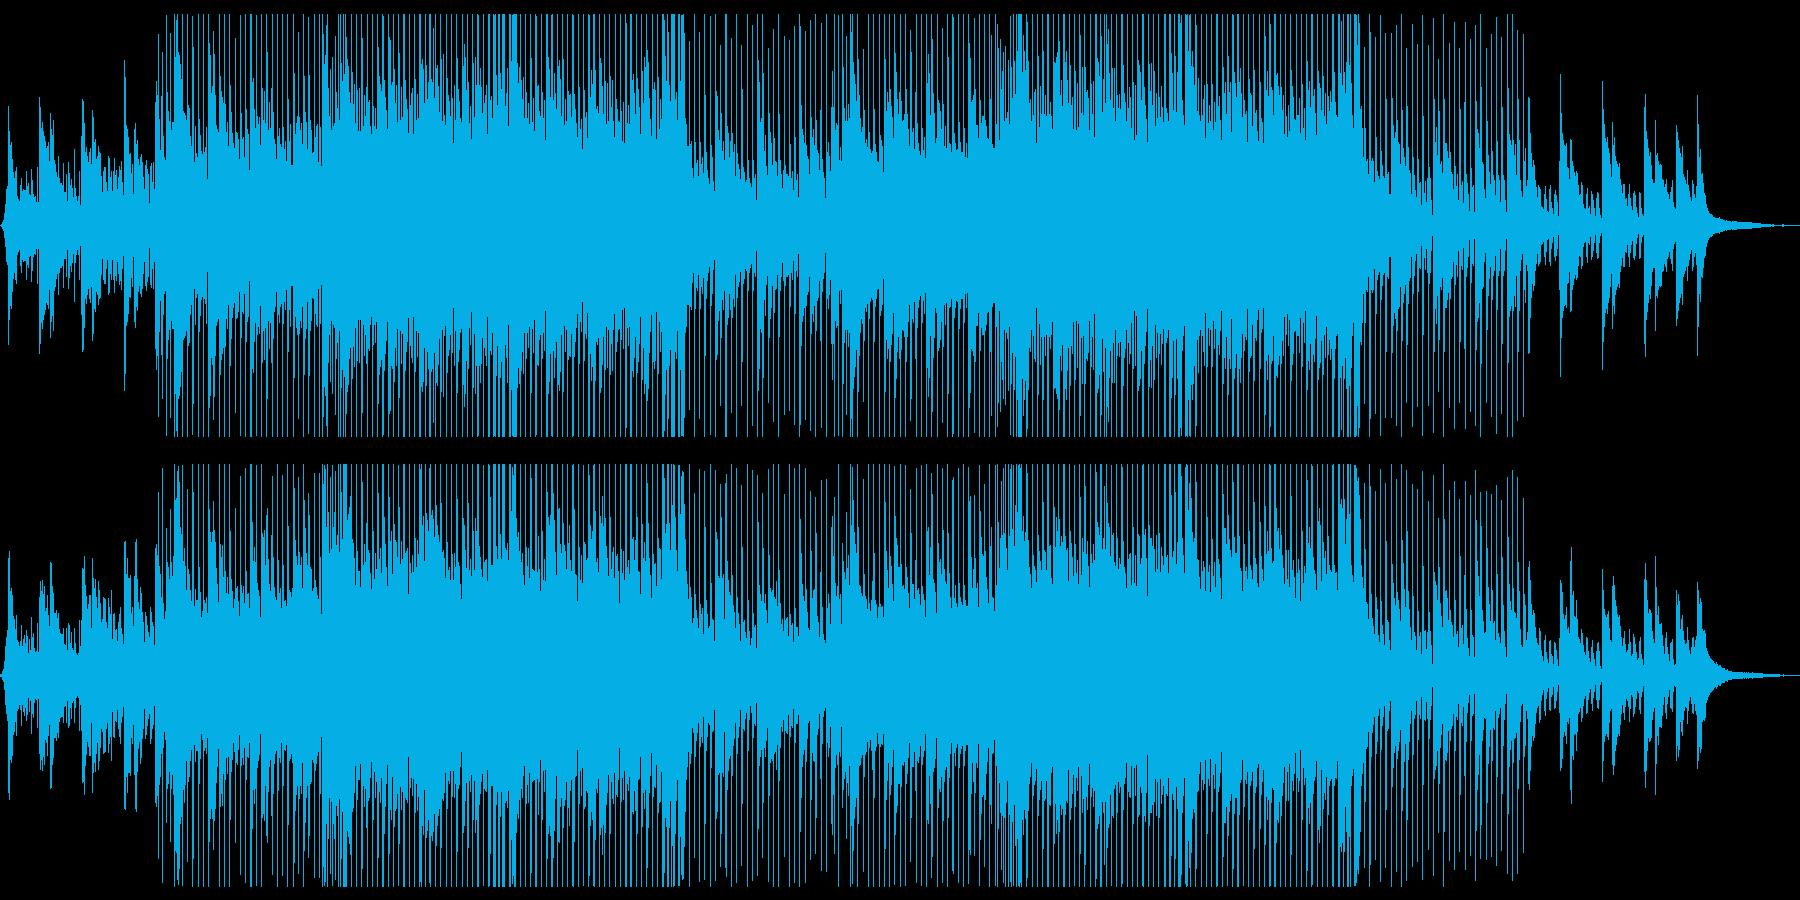 【メロ抜き】綺麗で爽やかなコーポレートムの再生済みの波形